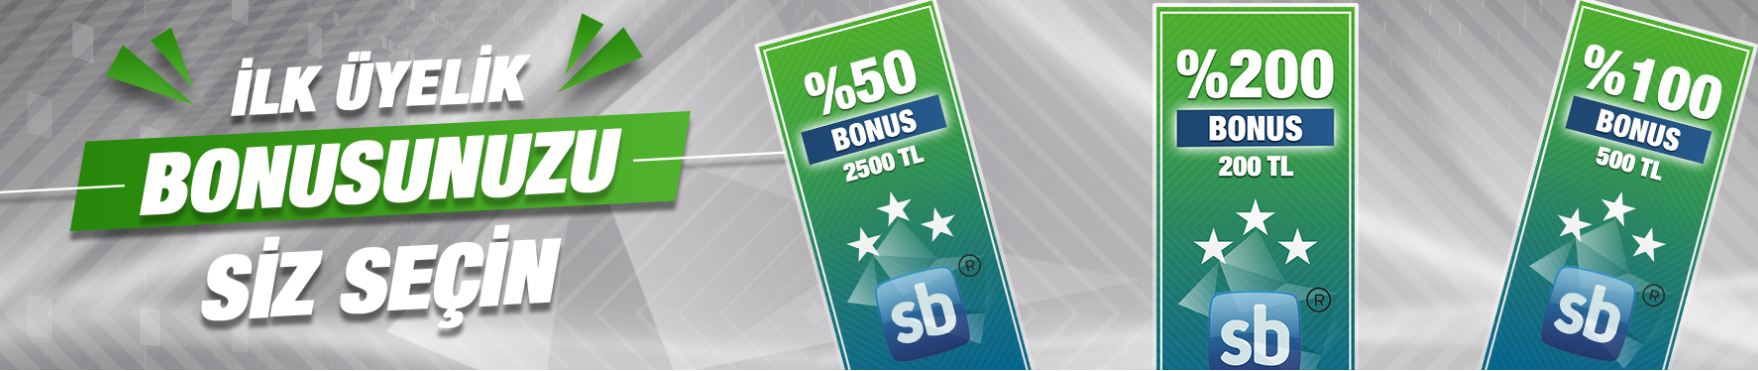 Superbetin ilk üyelik bonusu